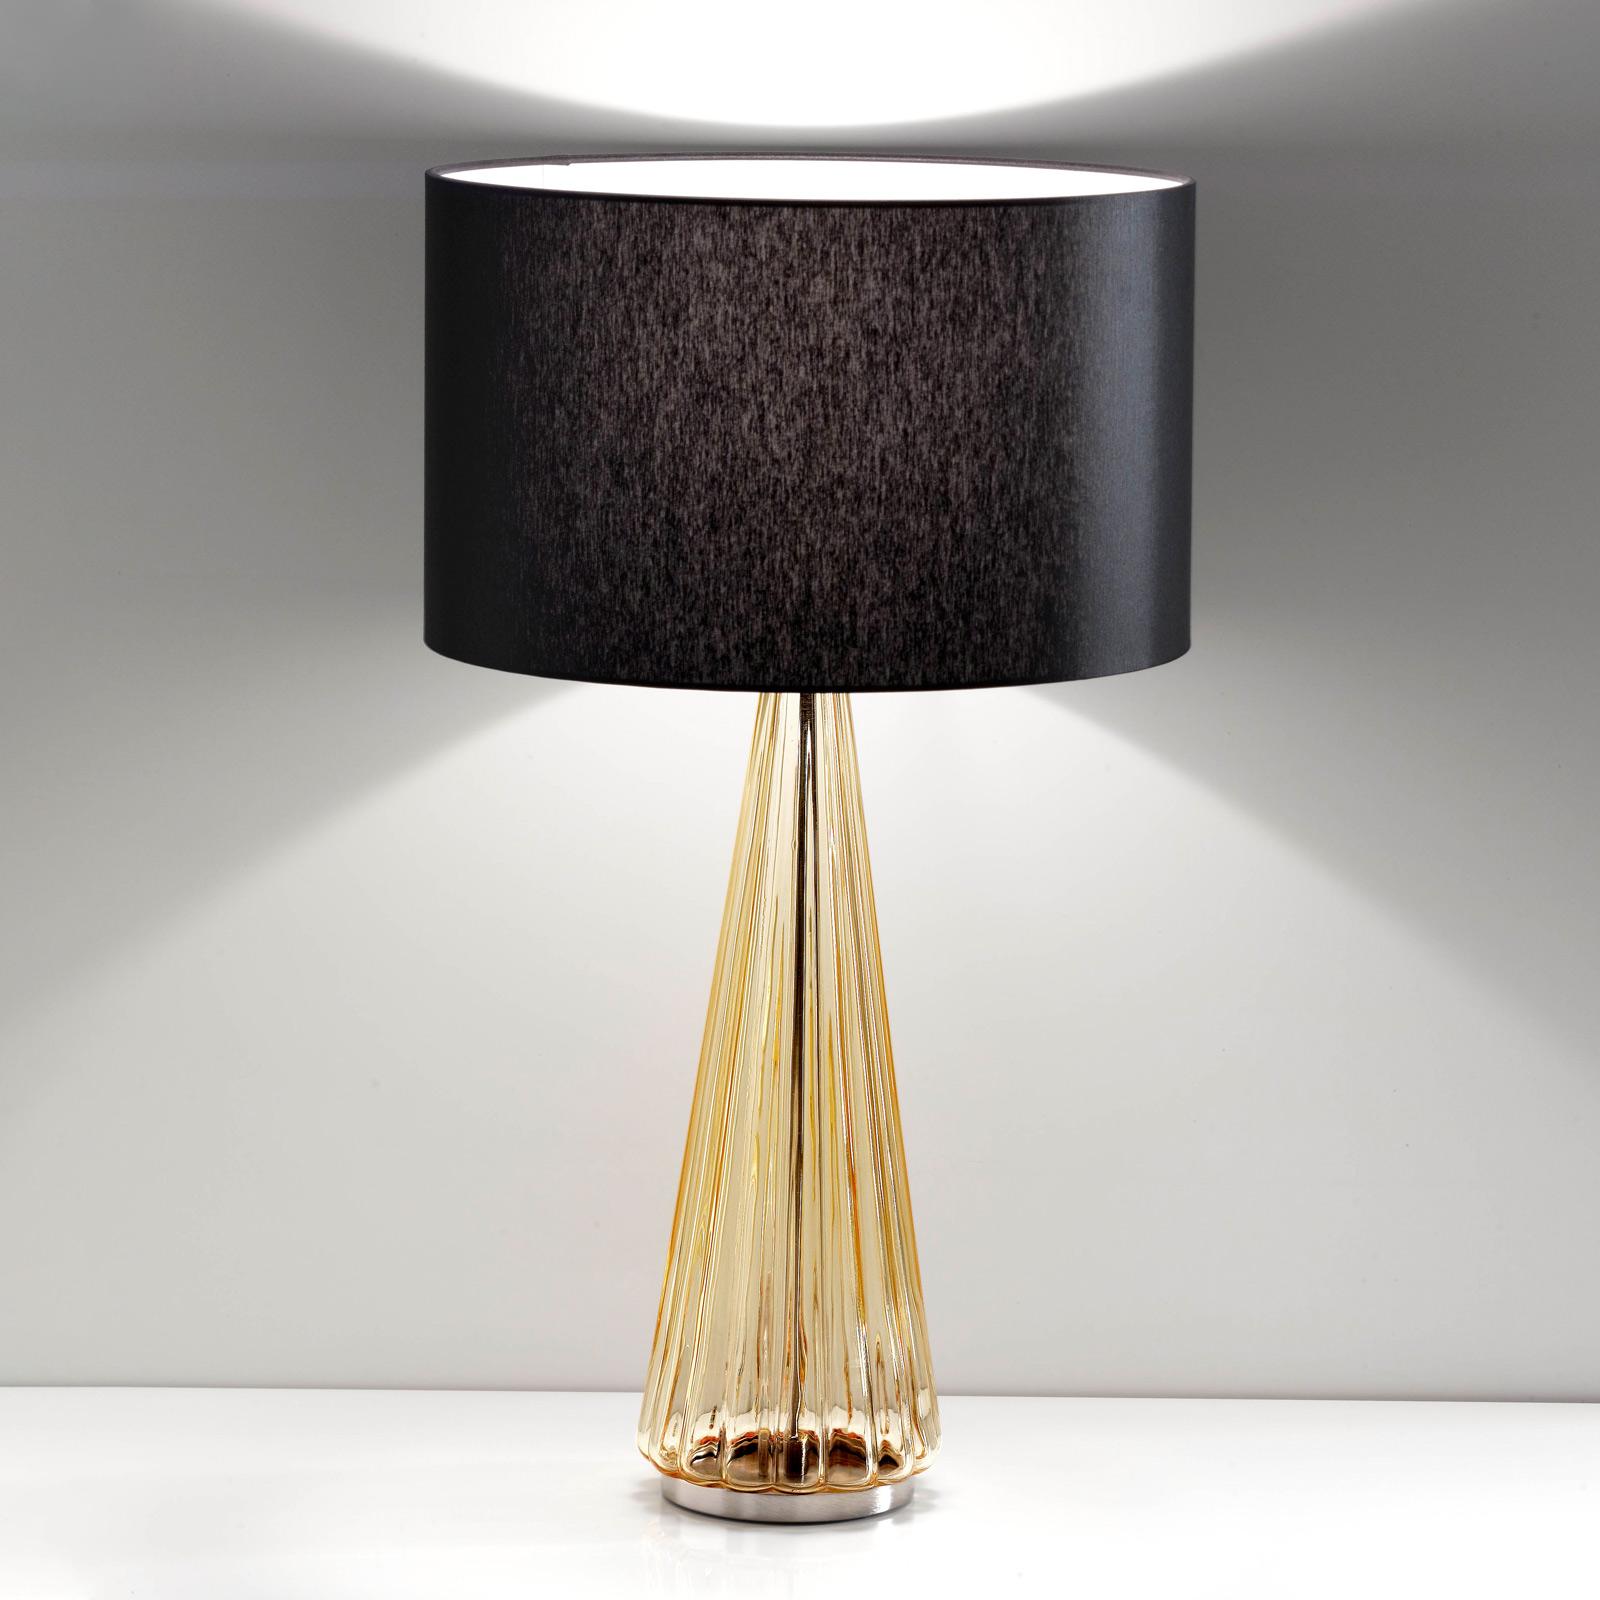 Lampada da tavolo Costa Rica nera, base ambra